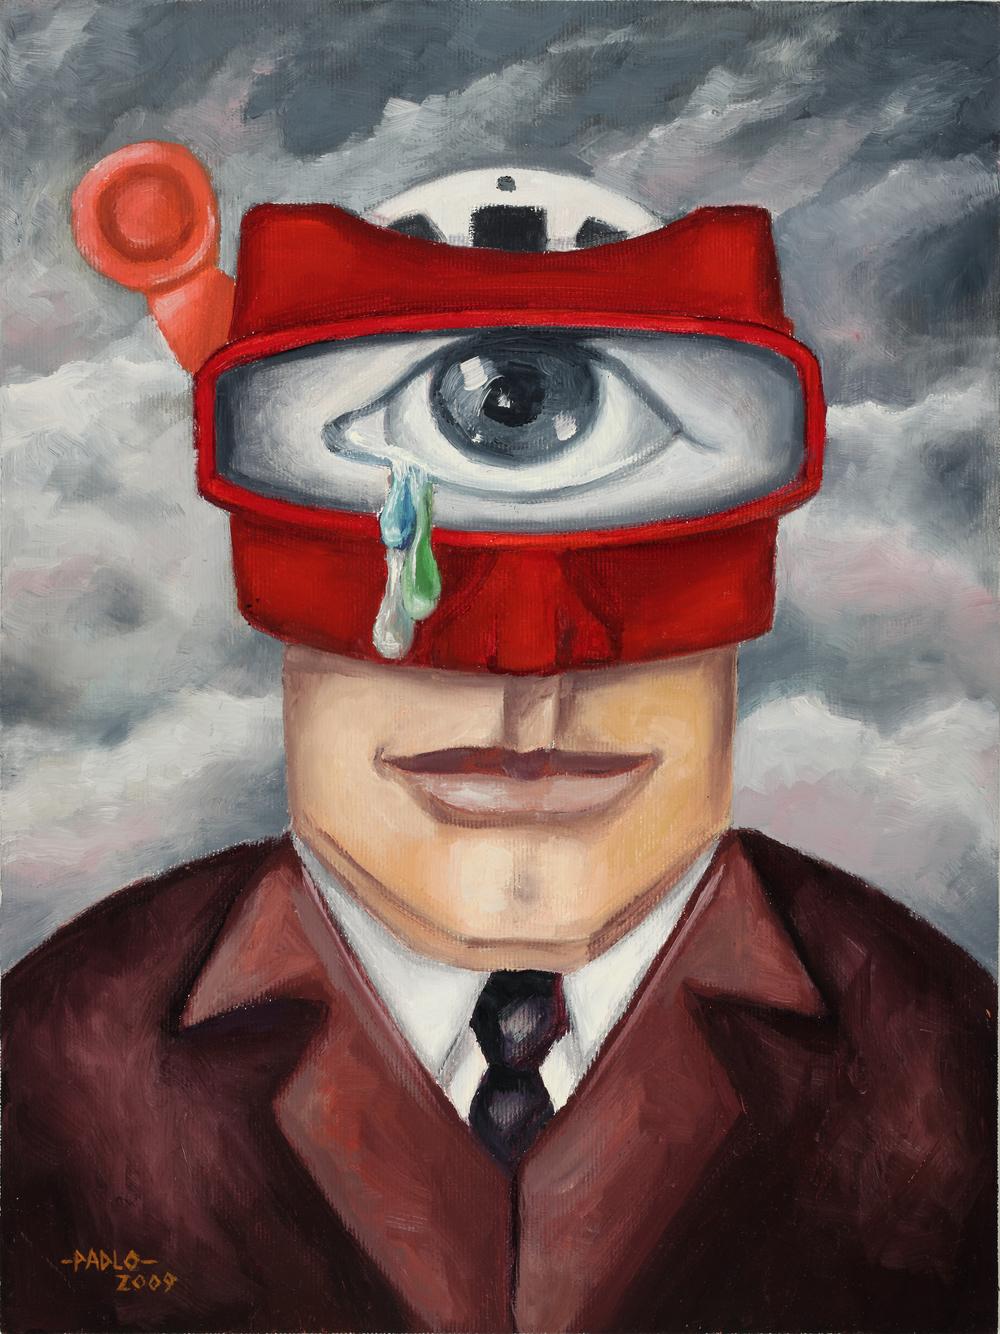 Mr. Vision